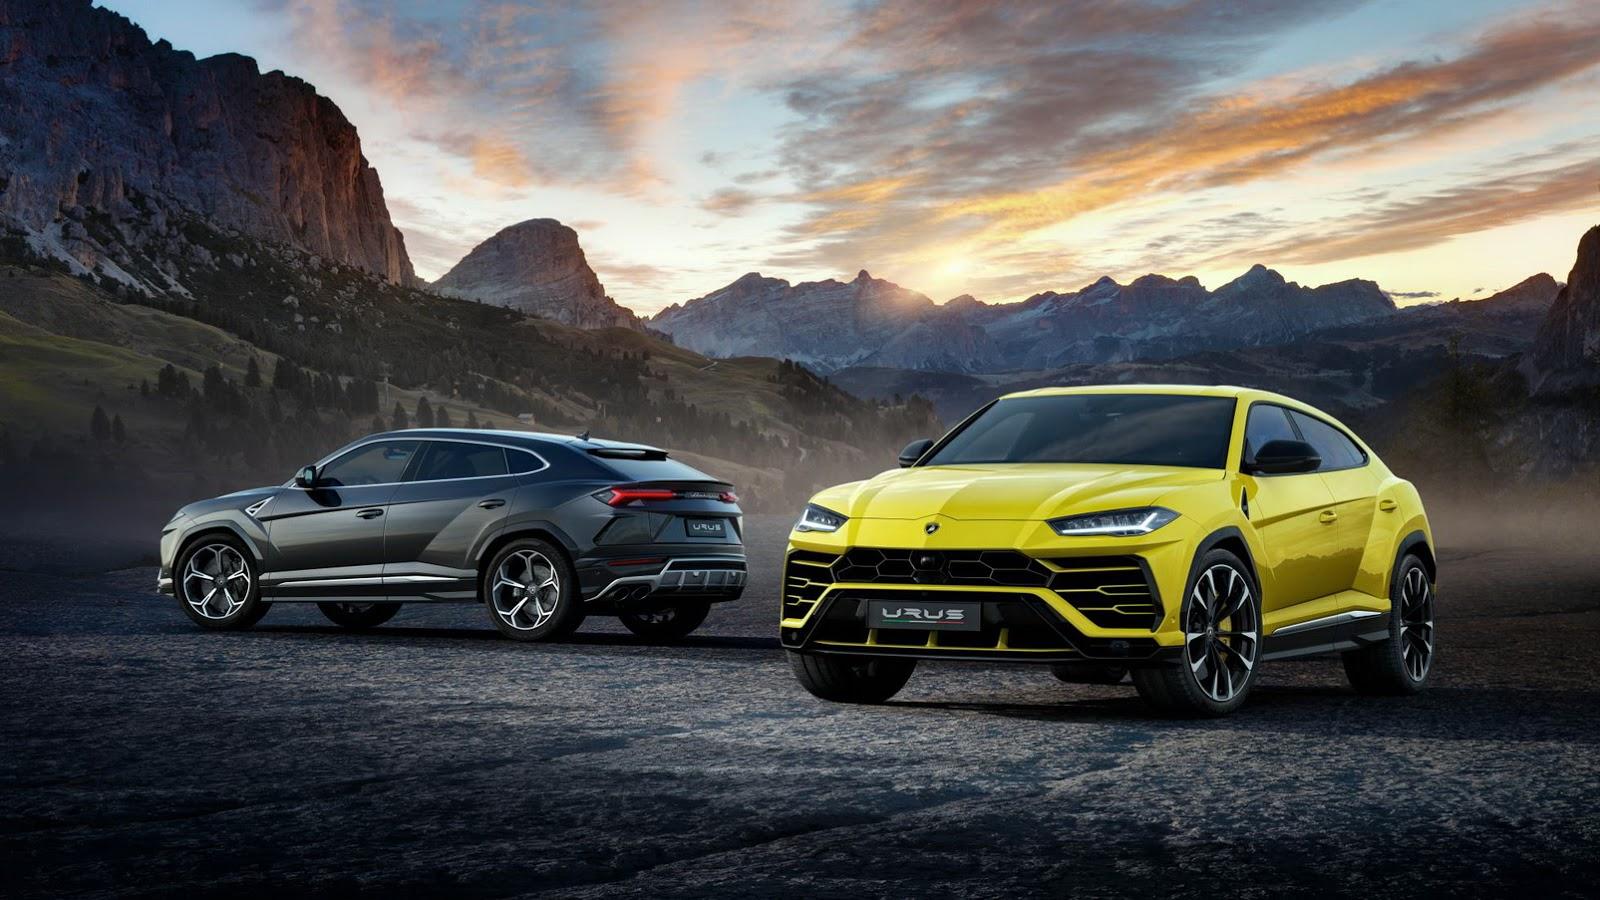 Xe++ - SUV Lamborghini Urus ra mắt, mạnh 641 mã lực, giá 4,6 tỷ đồng (Hình 9).